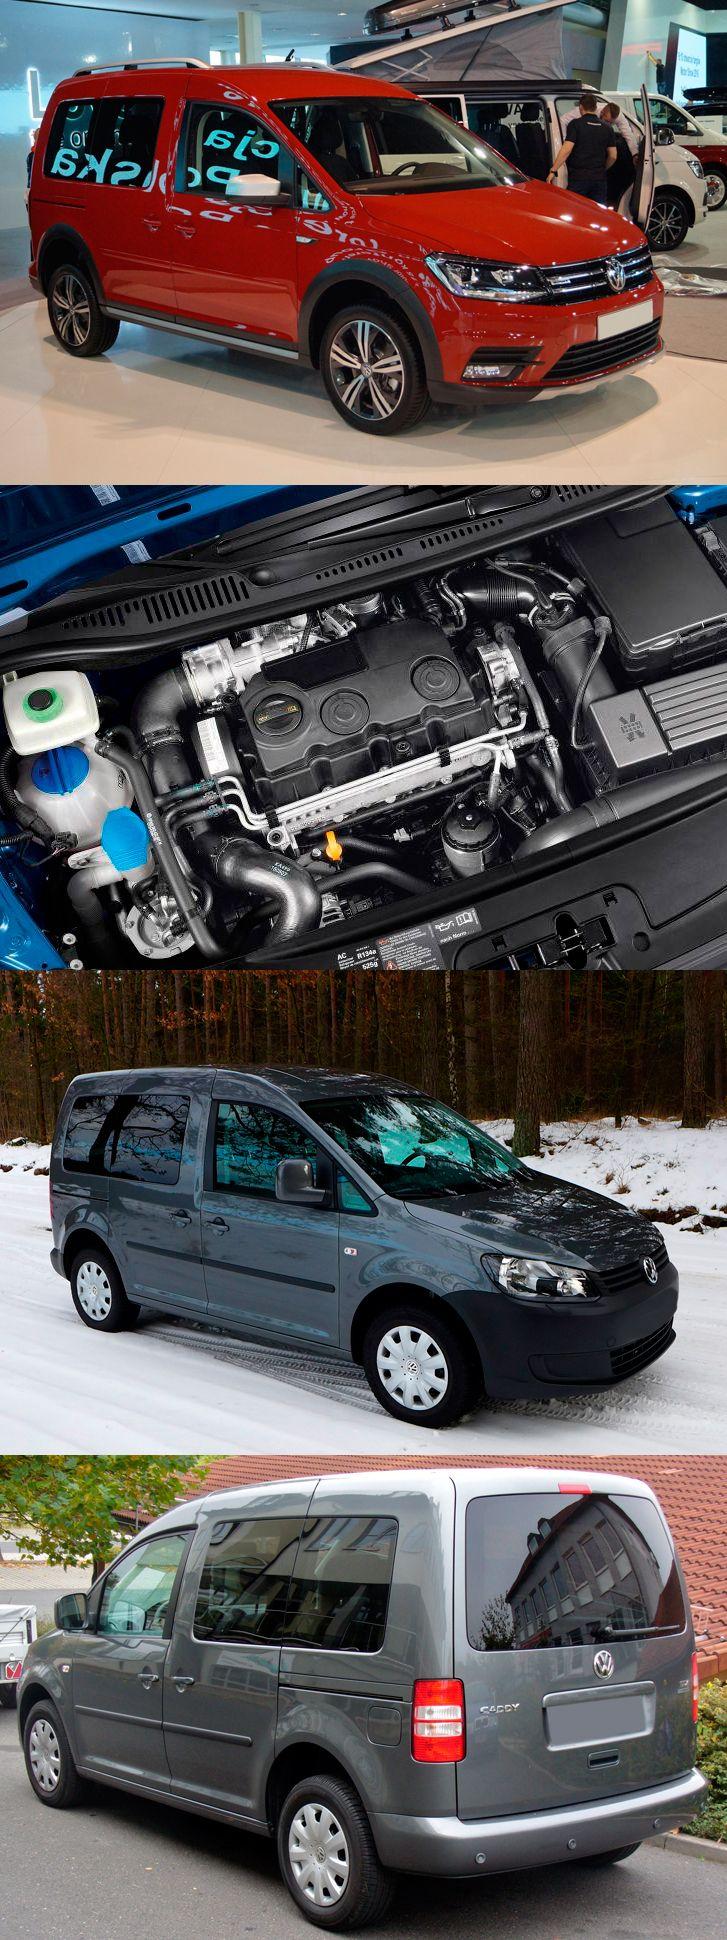 A practical and Comfortable Mini_Van Volkswagen Caddy